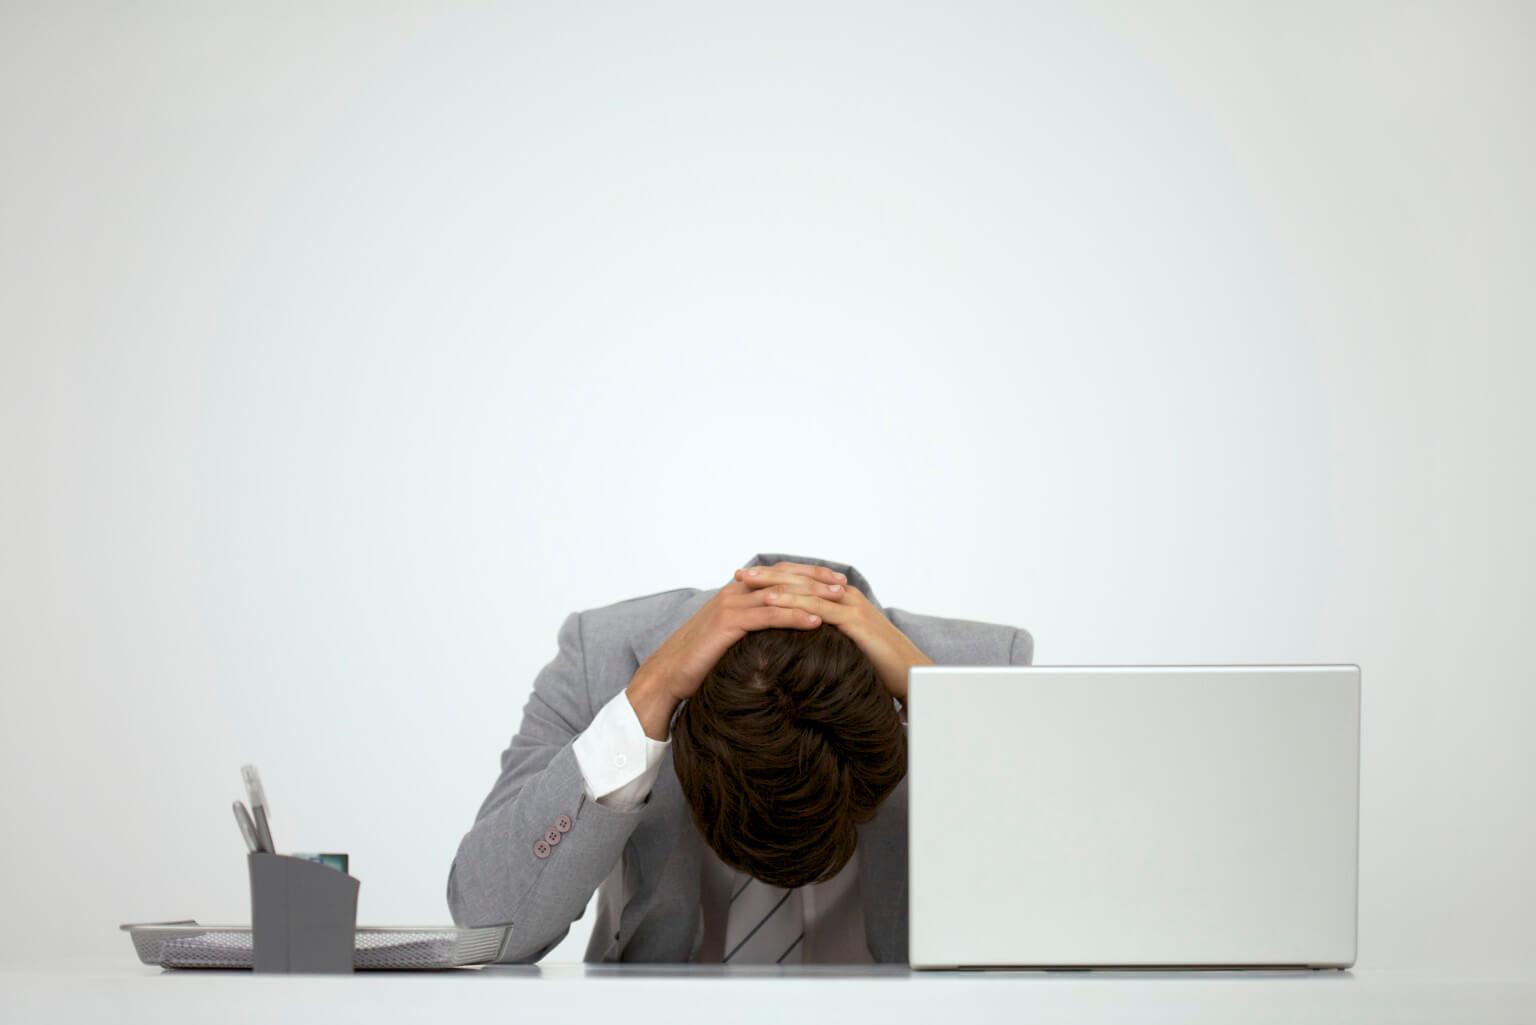 ภาษาอังกฤษ..สร้างความเจ็บปวดแบบไหน..ให้คนทำงาน?